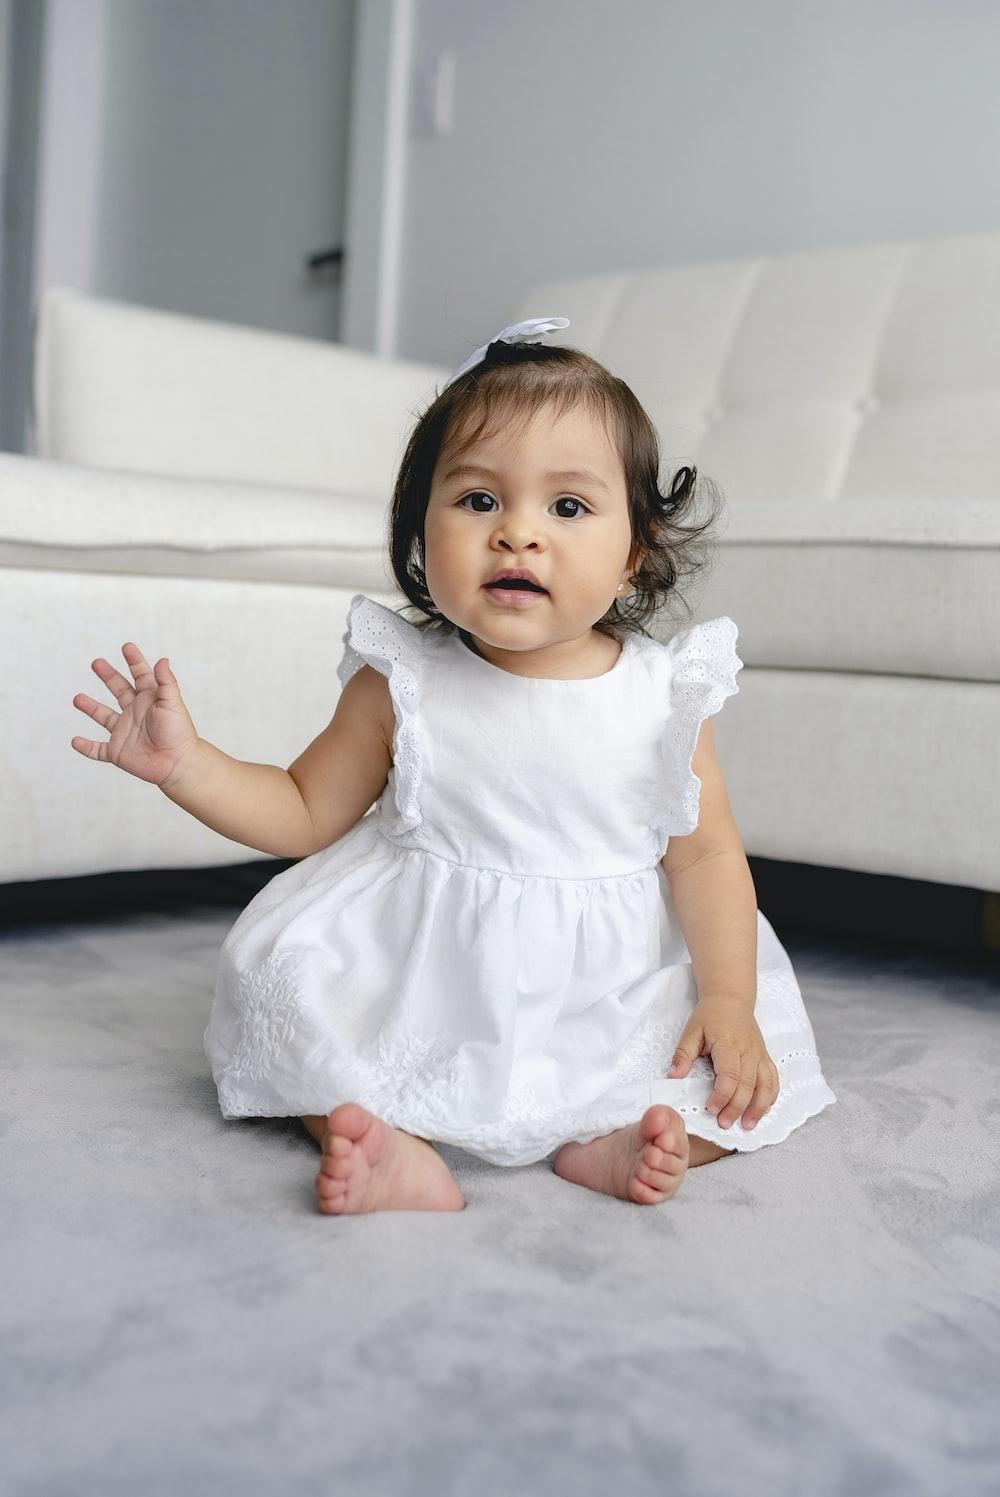 toddler wearing white dress sitting beside white sofa